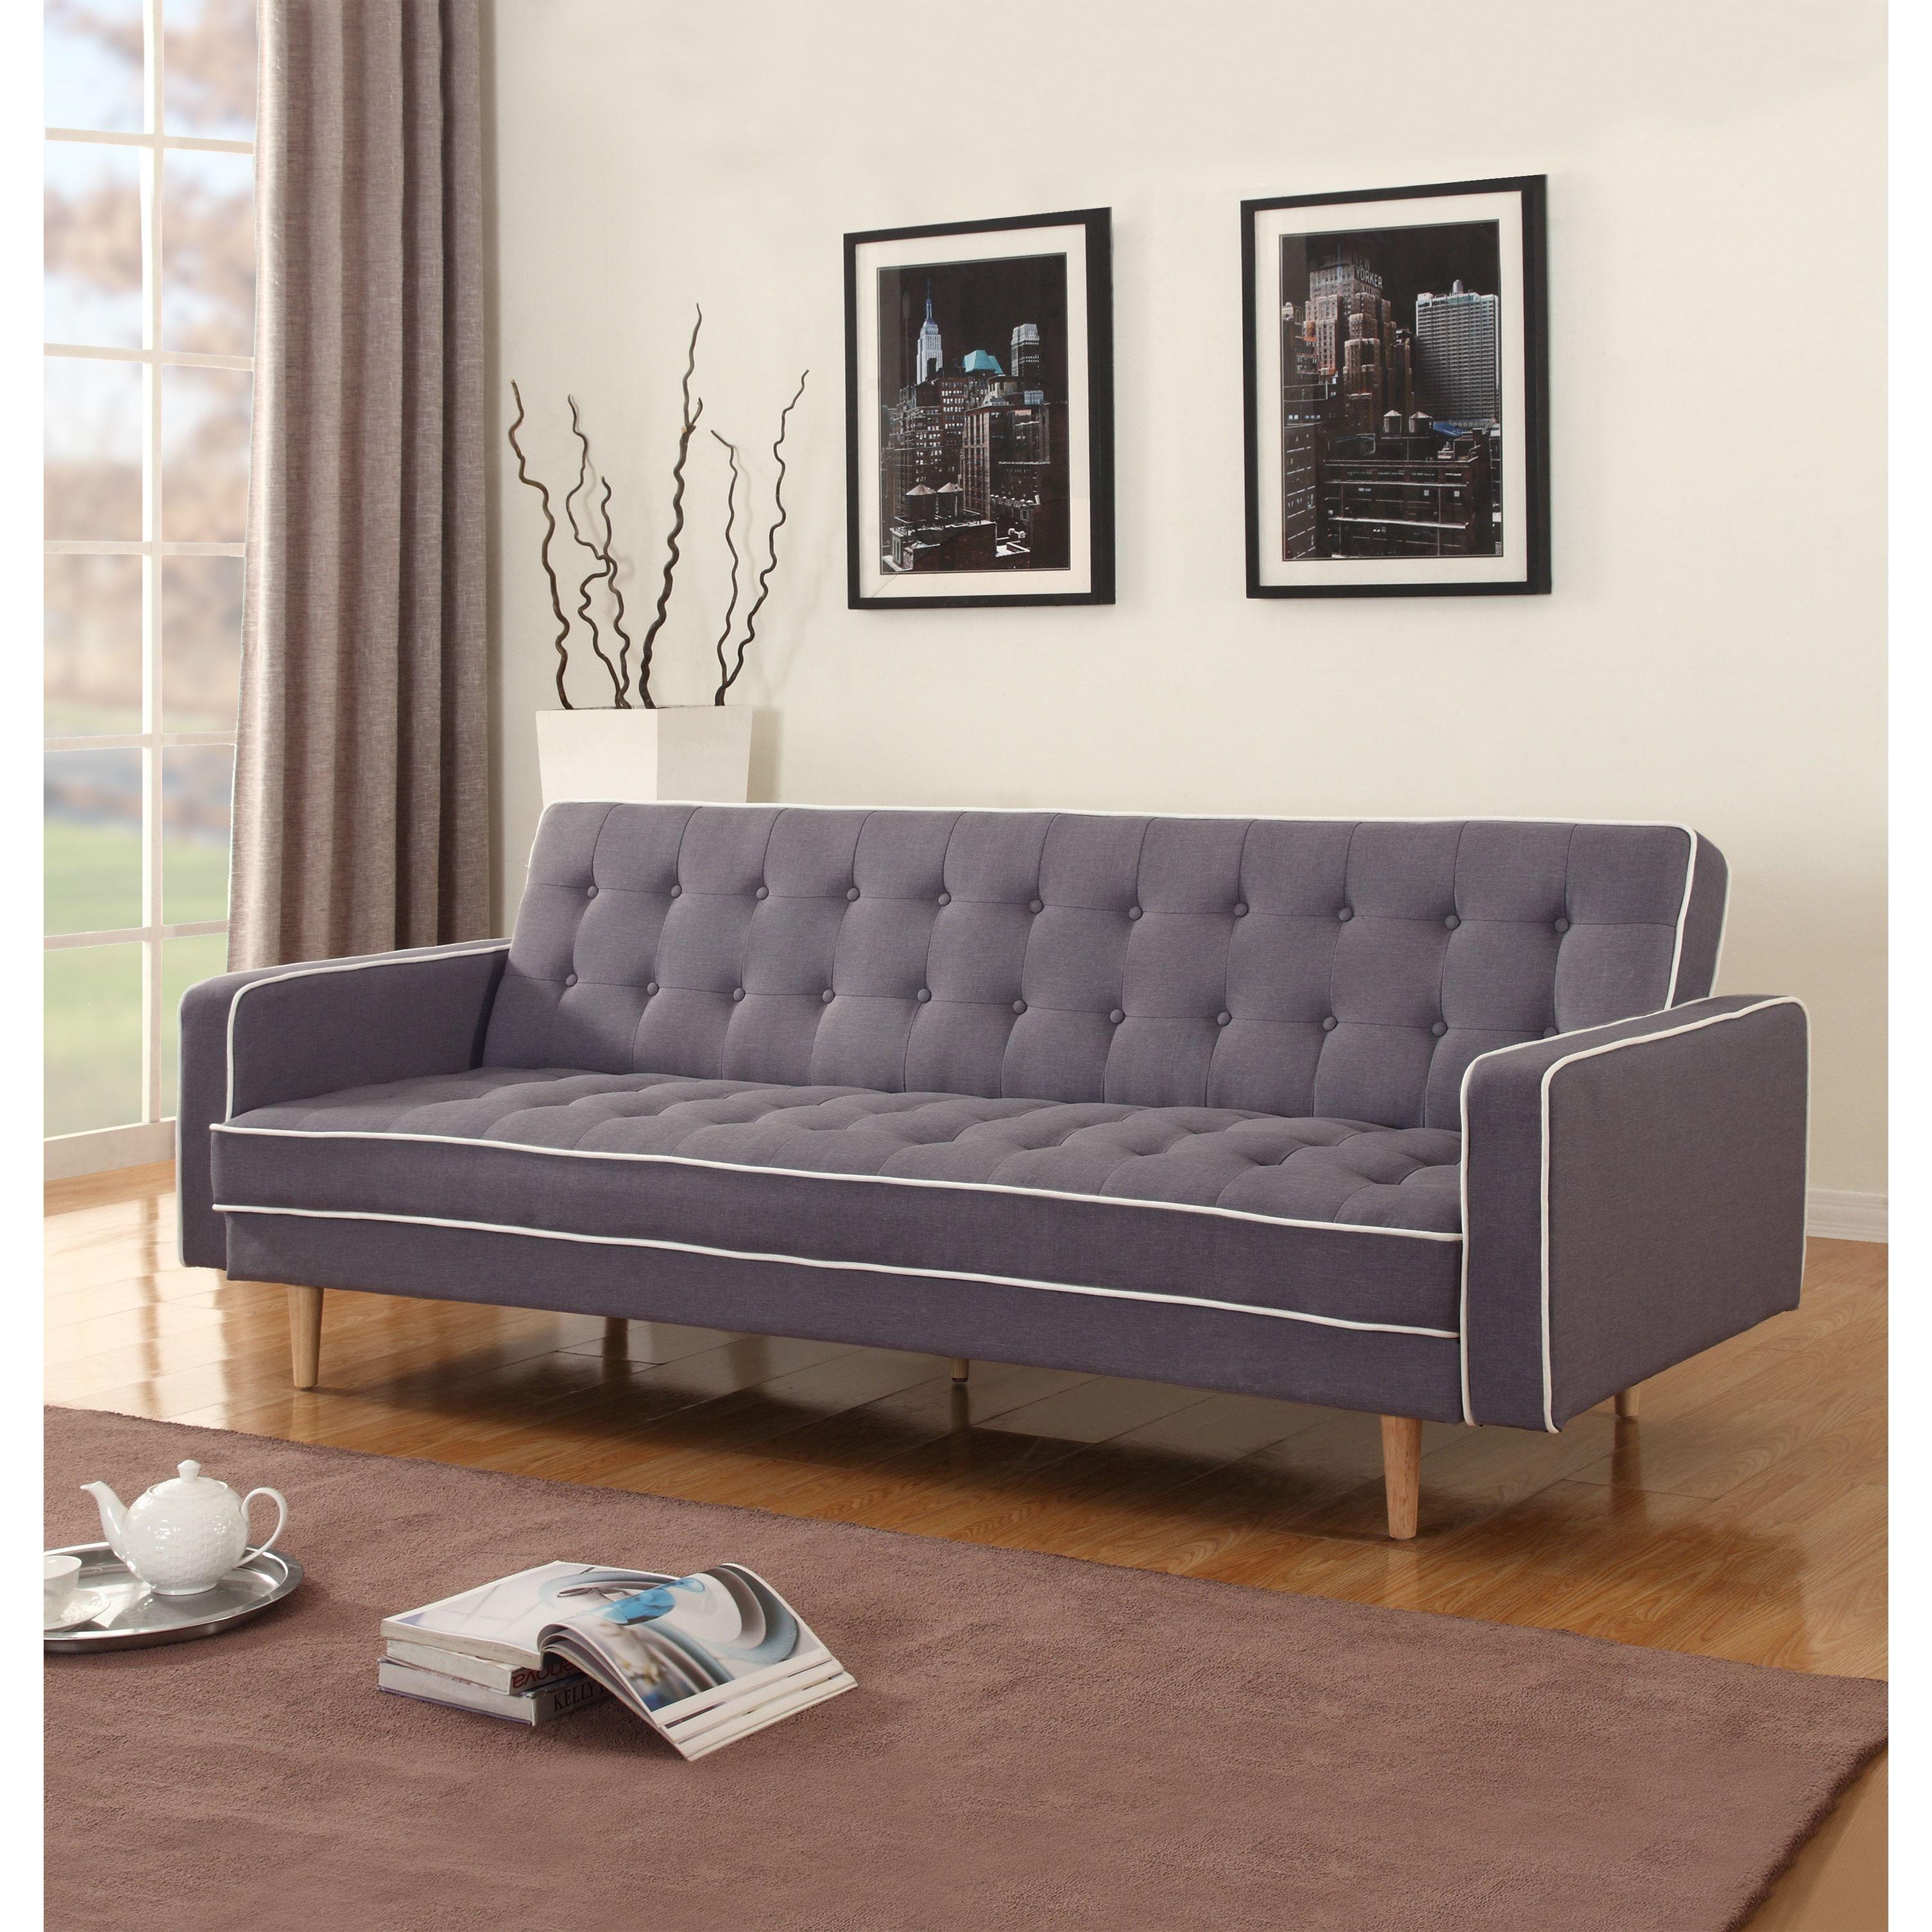 mid century modern 2 tone sleeper futon sofa   overstock   shopping   mid century modern 2 tone sleeper futon sofa   overstock        rh   pinterest